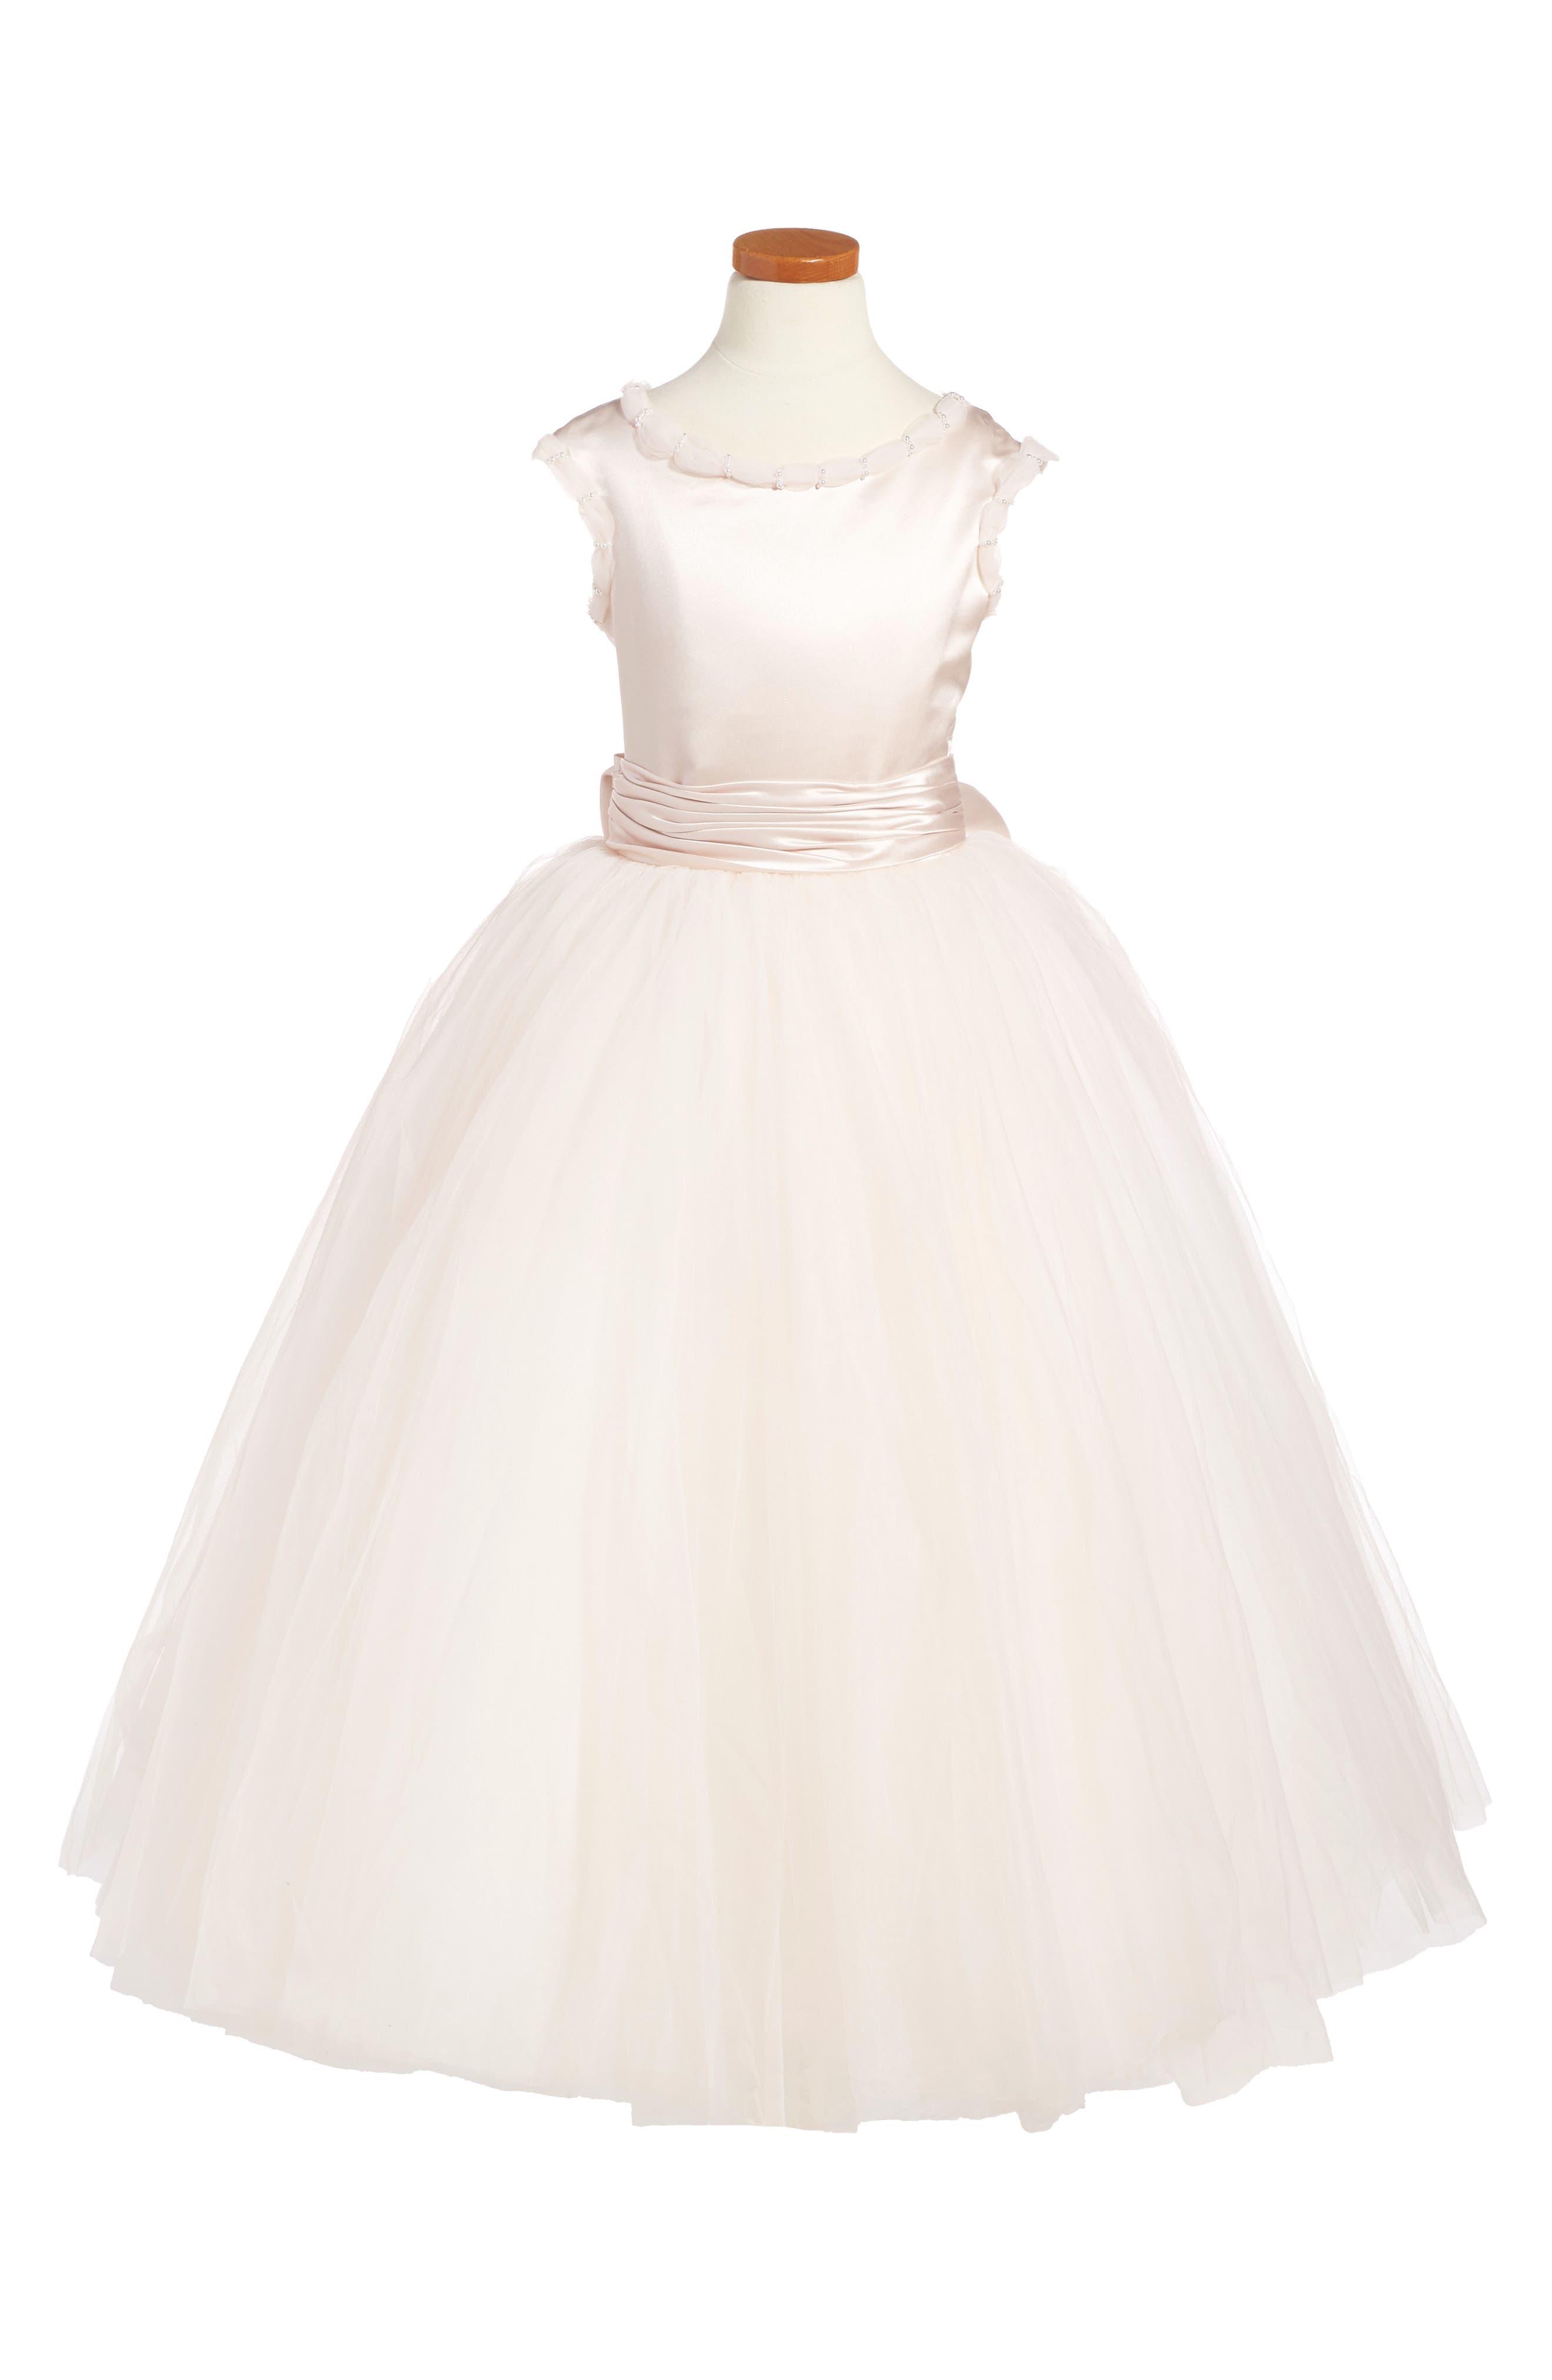 Main Image - Joan Calabrese for Mon Cheri Tulle Dress (Little Girls & Big Girls)